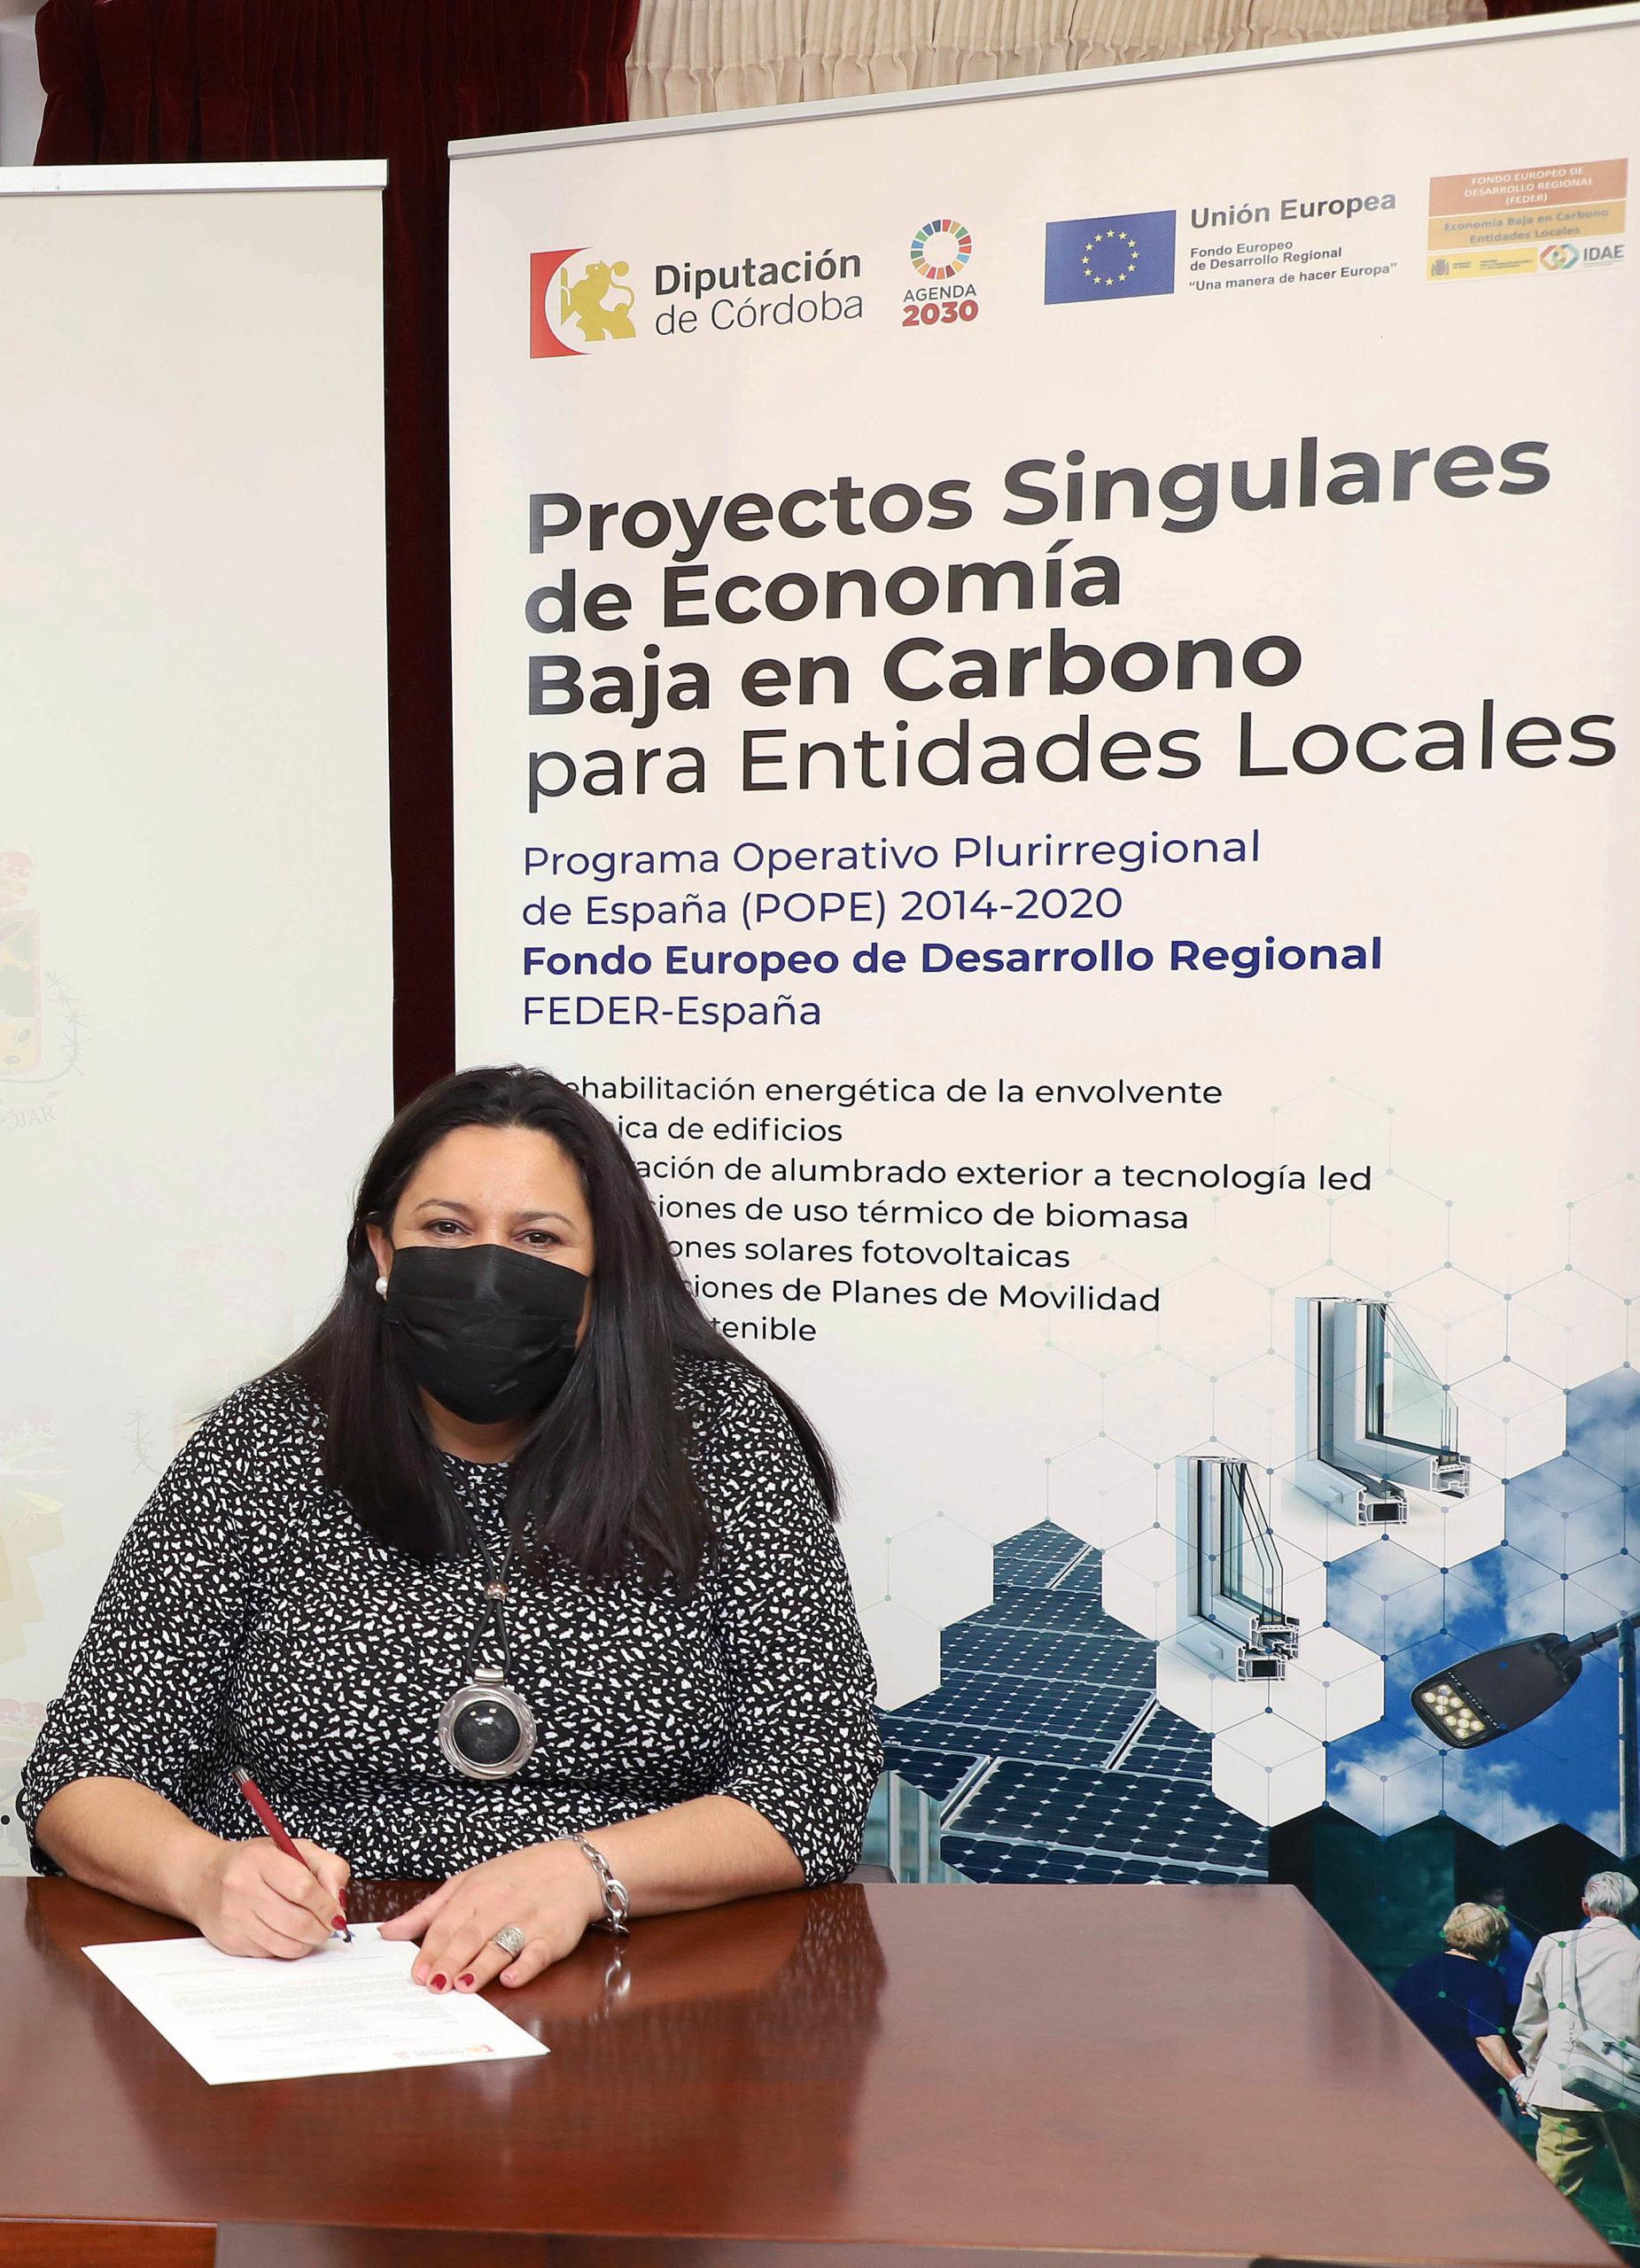 La Diputación de Córdoba inicia el camino para la  transición a una economía baja en carbono de los principales sectores energéticos de la provincia